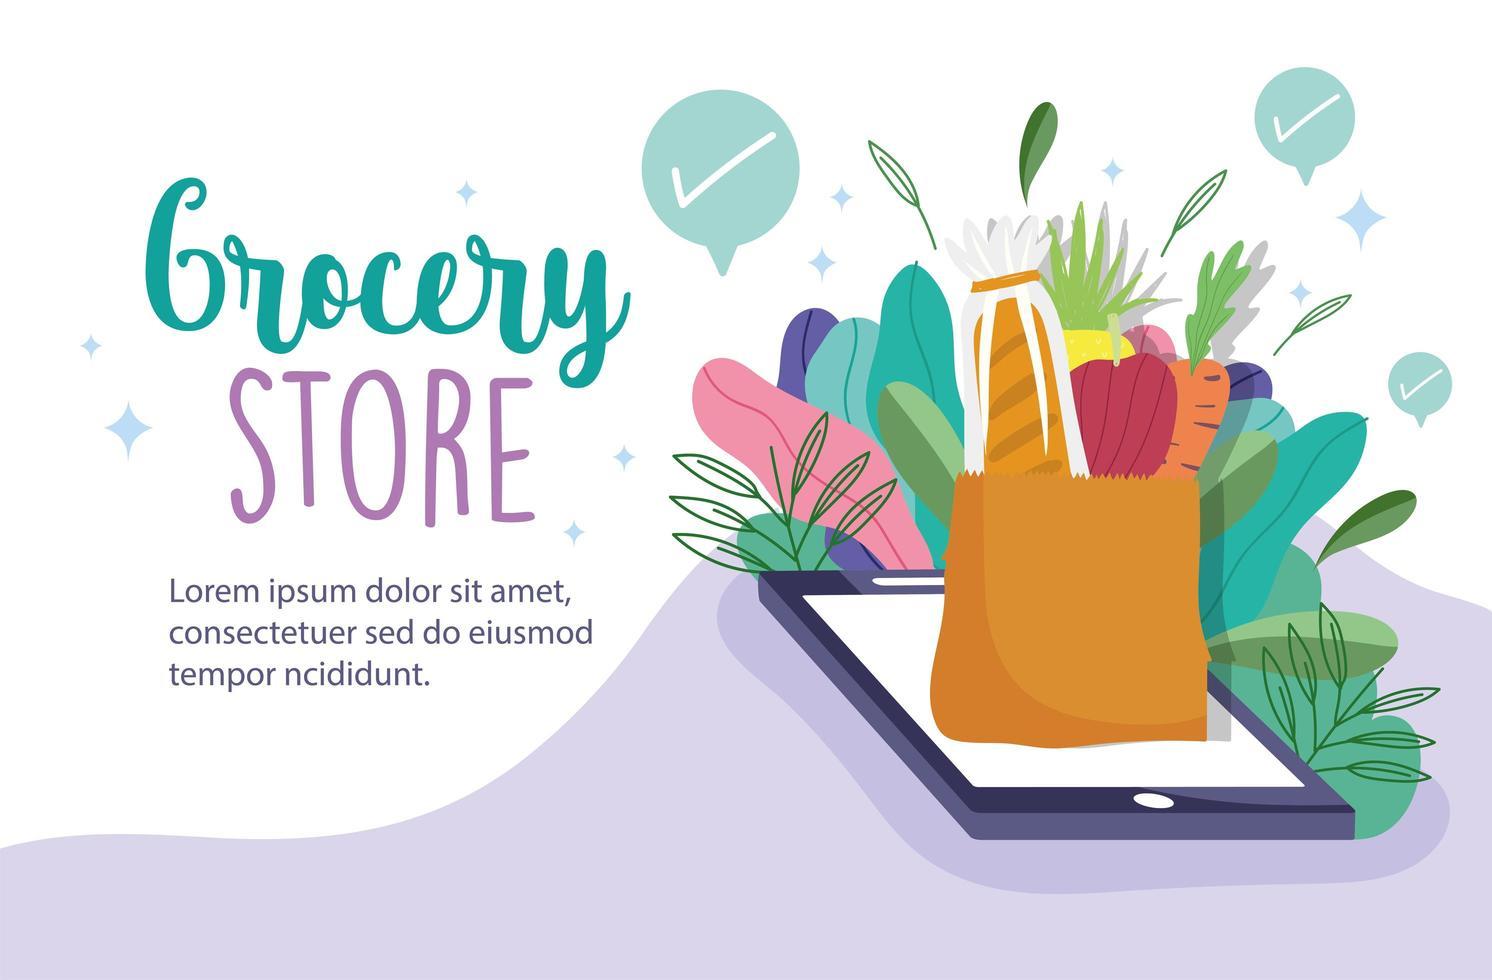 supermarkt online sjabloon voor spandoek met telefoon, boodschappen en gebladerte-elementen vector